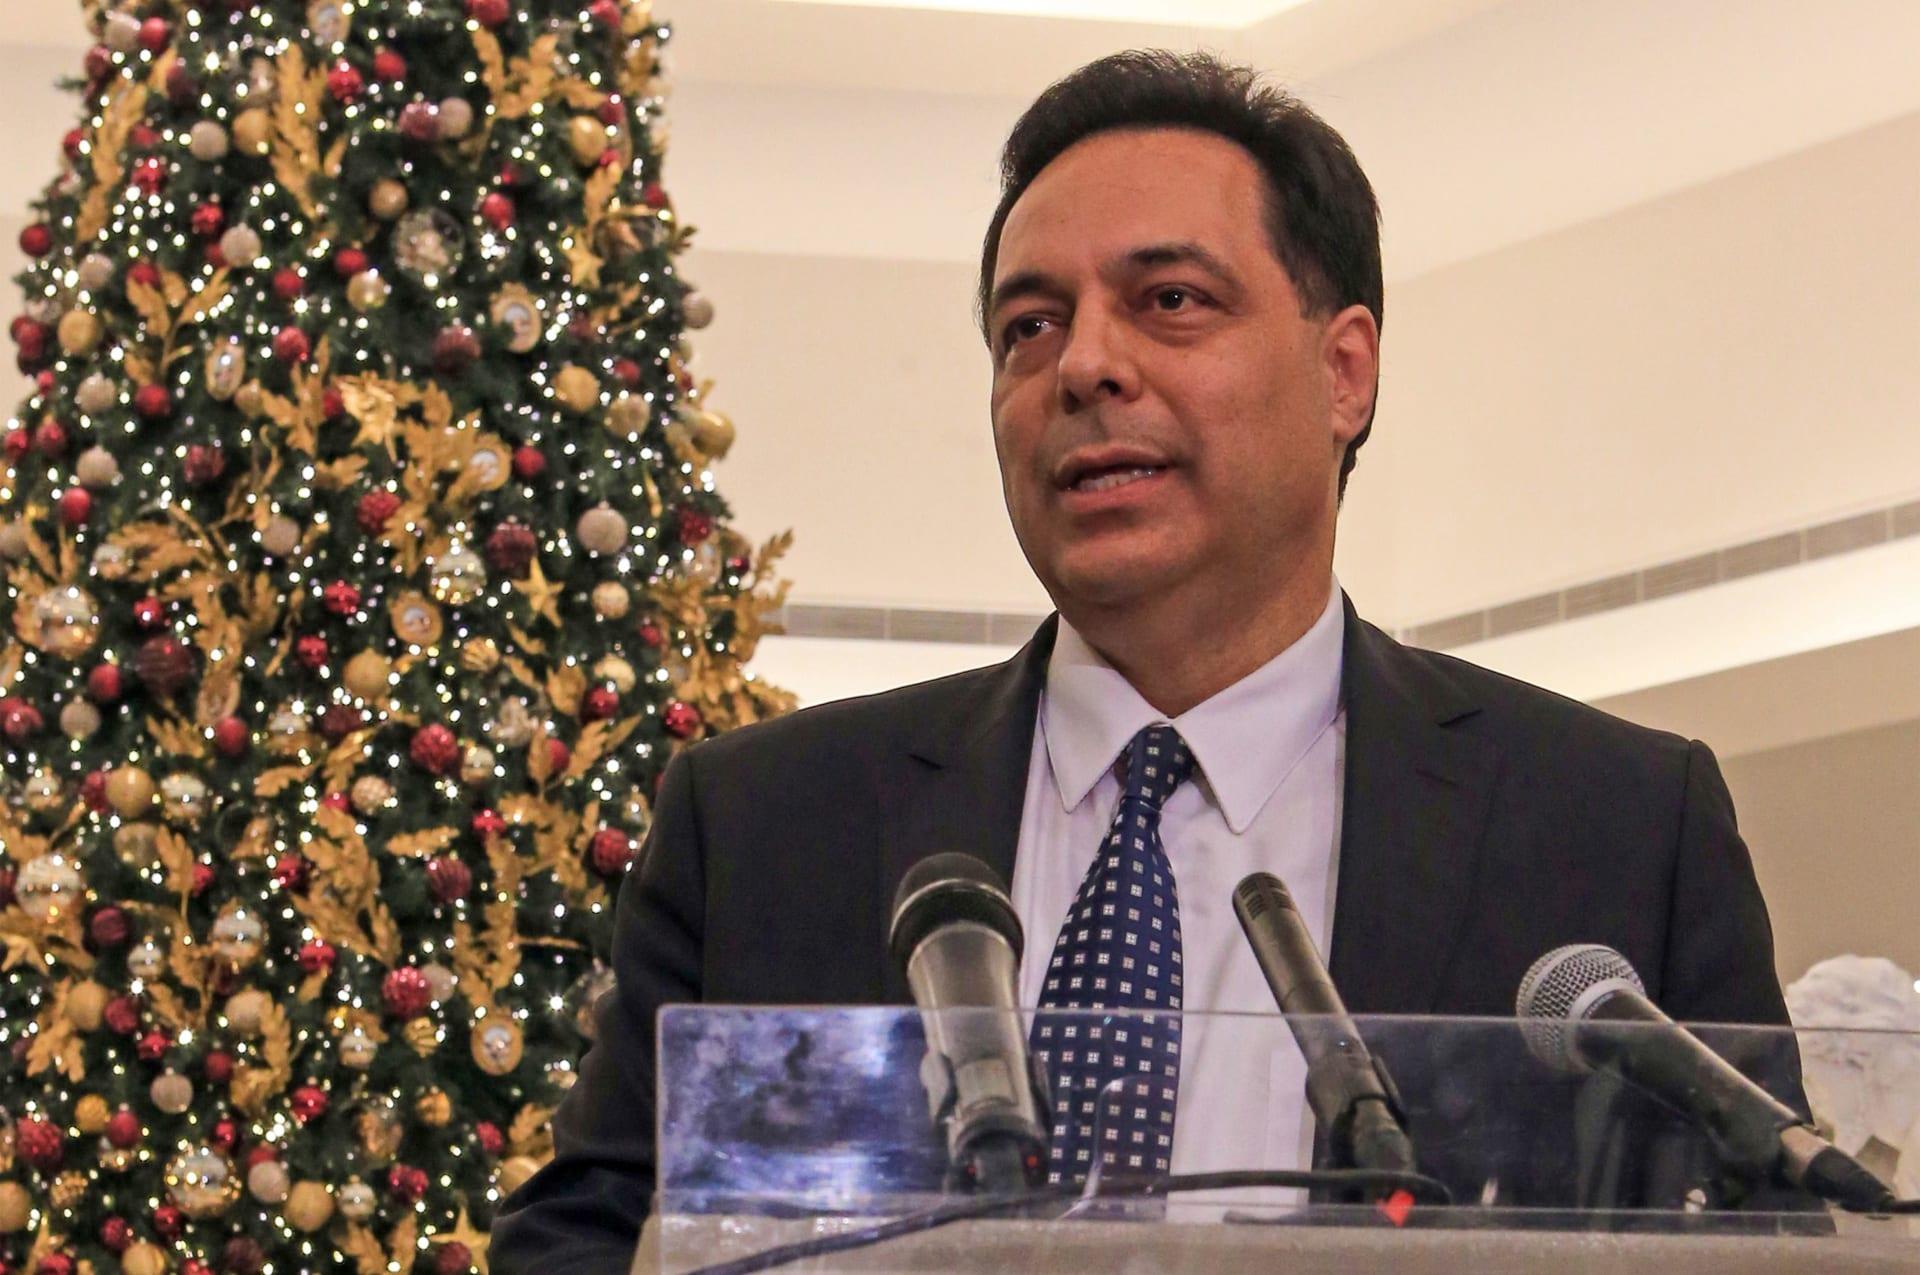 رئيس الوزراء المكلف في لبنان حسان دياب